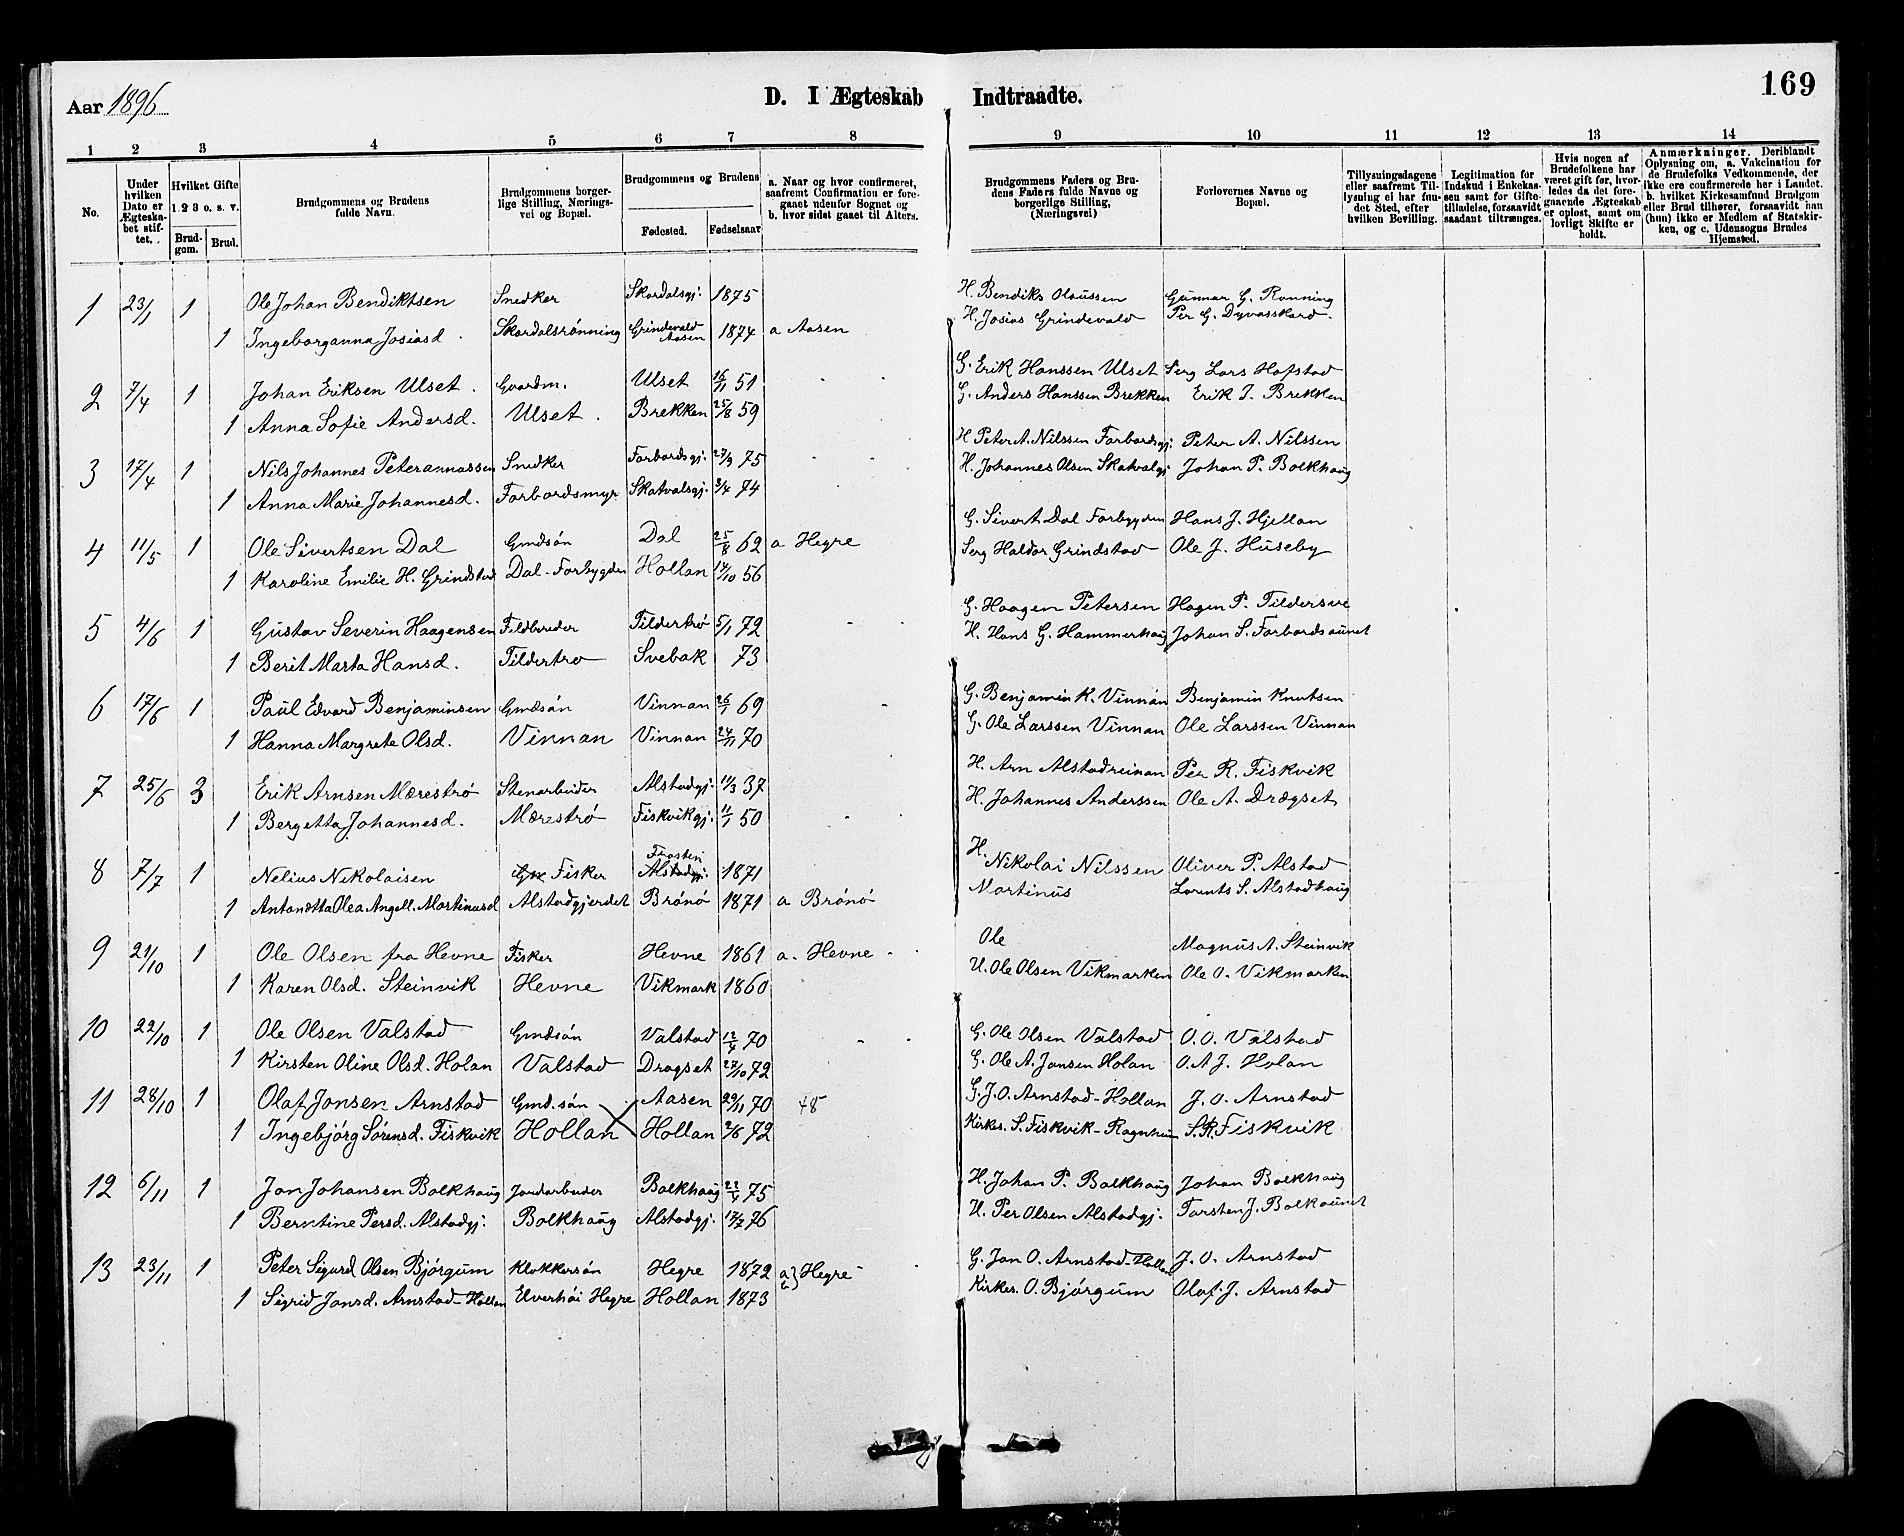 SAT, Ministerialprotokoller, klokkerbøker og fødselsregistre - Nord-Trøndelag, 712/L0103: Klokkerbok nr. 712C01, 1878-1917, s. 169